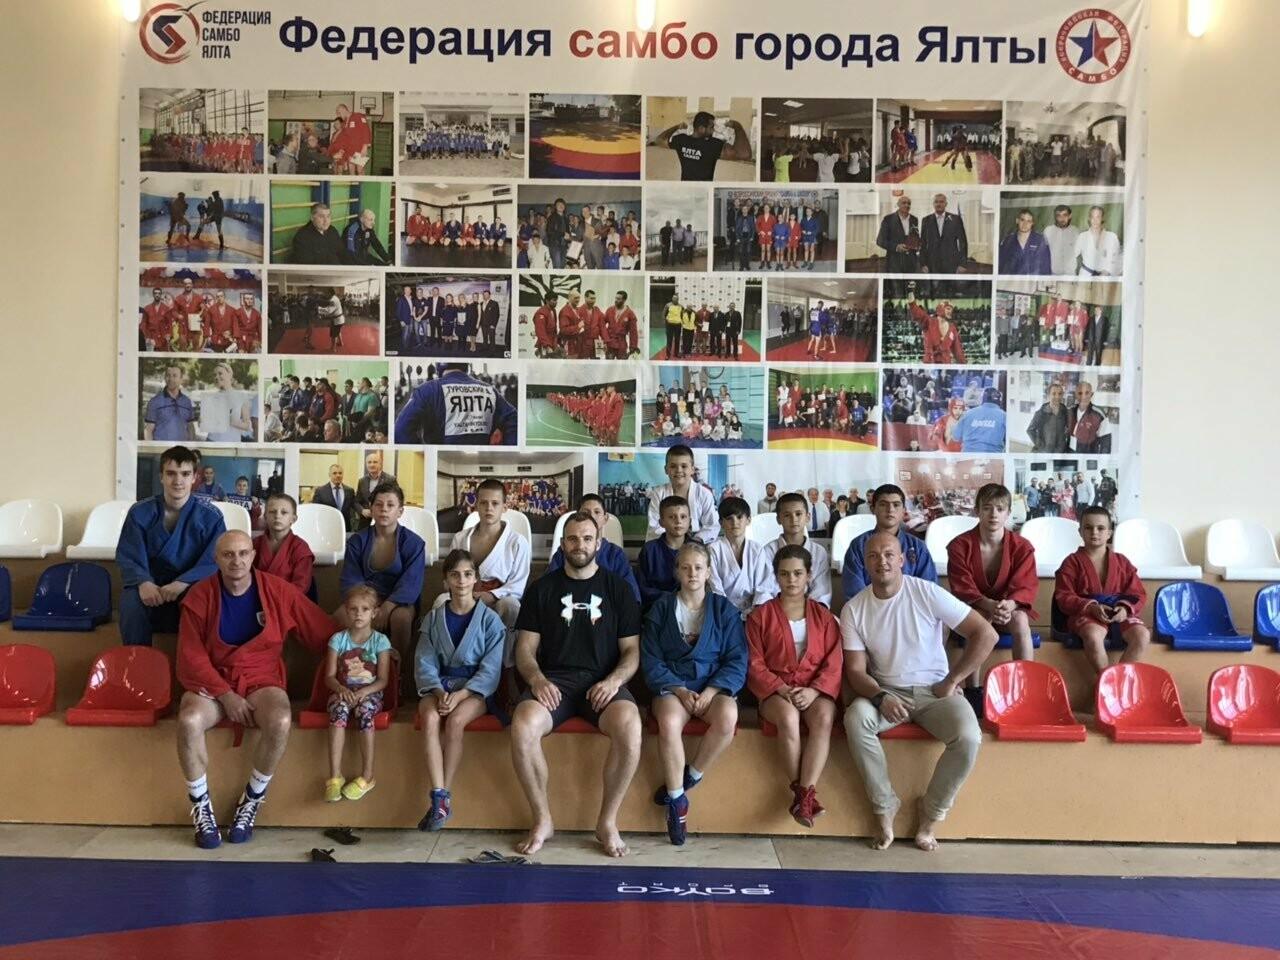 Тренировку юных самбистов Ялты посетил чемпион мира и Европы Денис Гольцов , фото-2